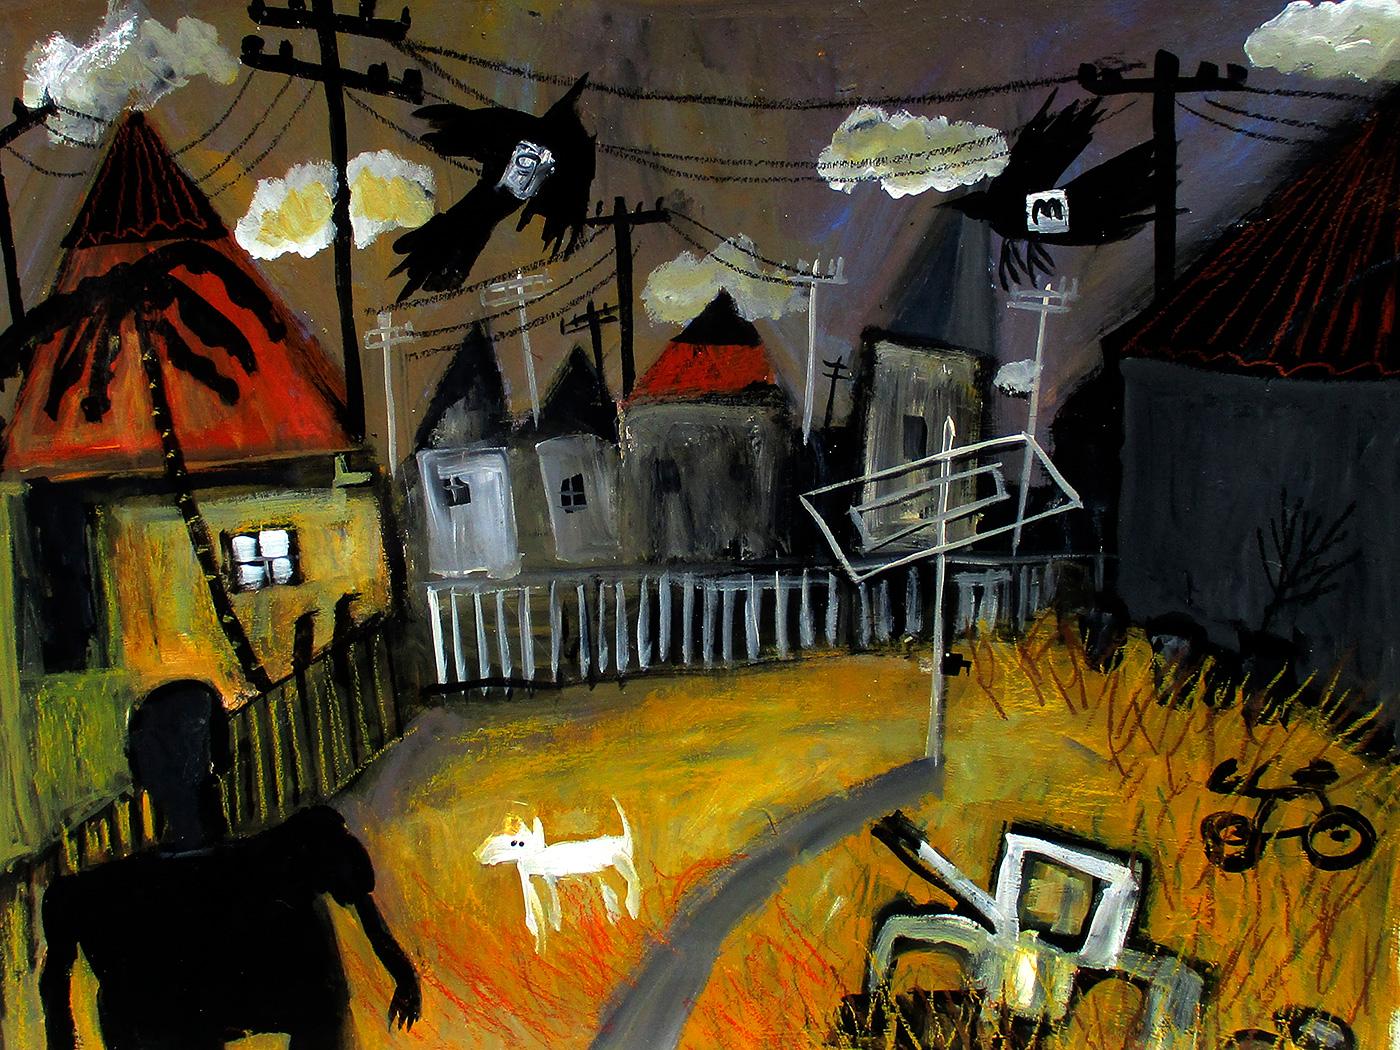 Glenn Brady - 'Backyard'